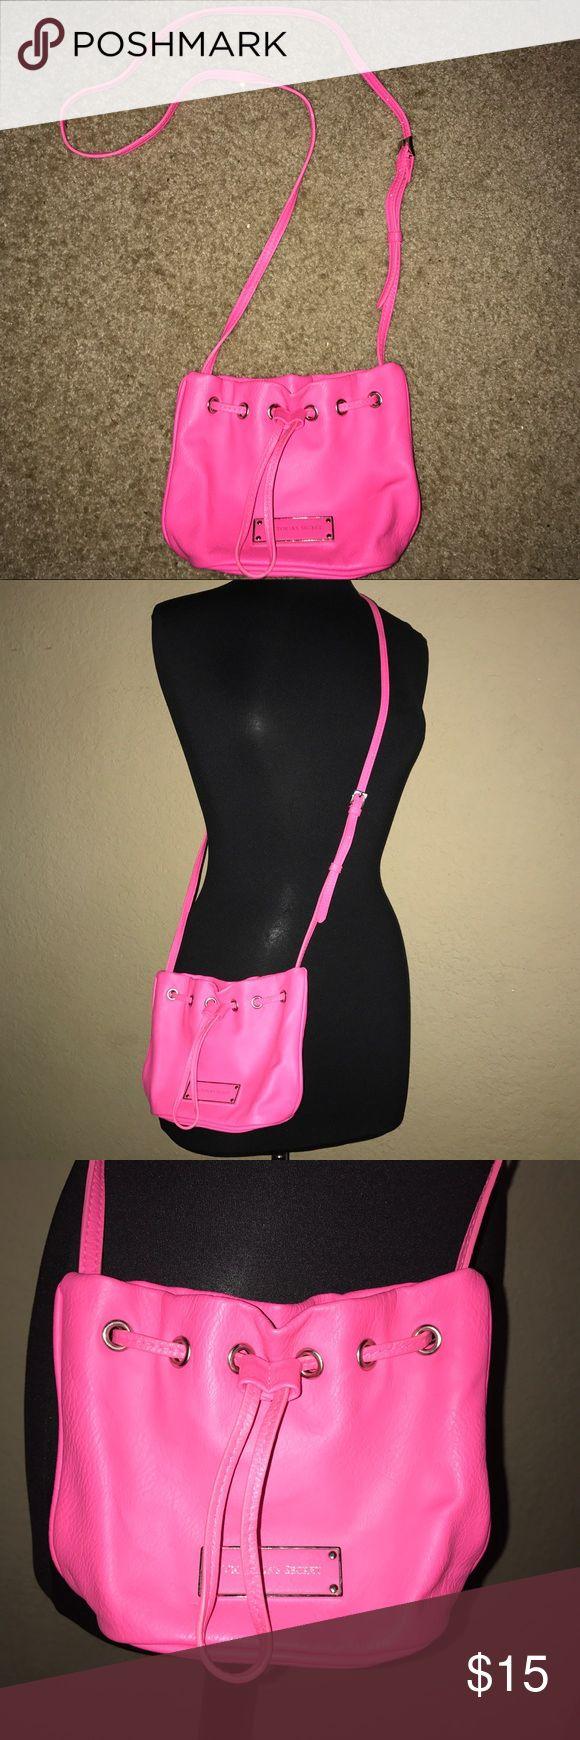 Victoria's Secret Crossbody Bag Pink colored crossbody bag from Victoria's Secret with silver details. Adjustable strap. Victoria's Secret Bags Crossbody Bags